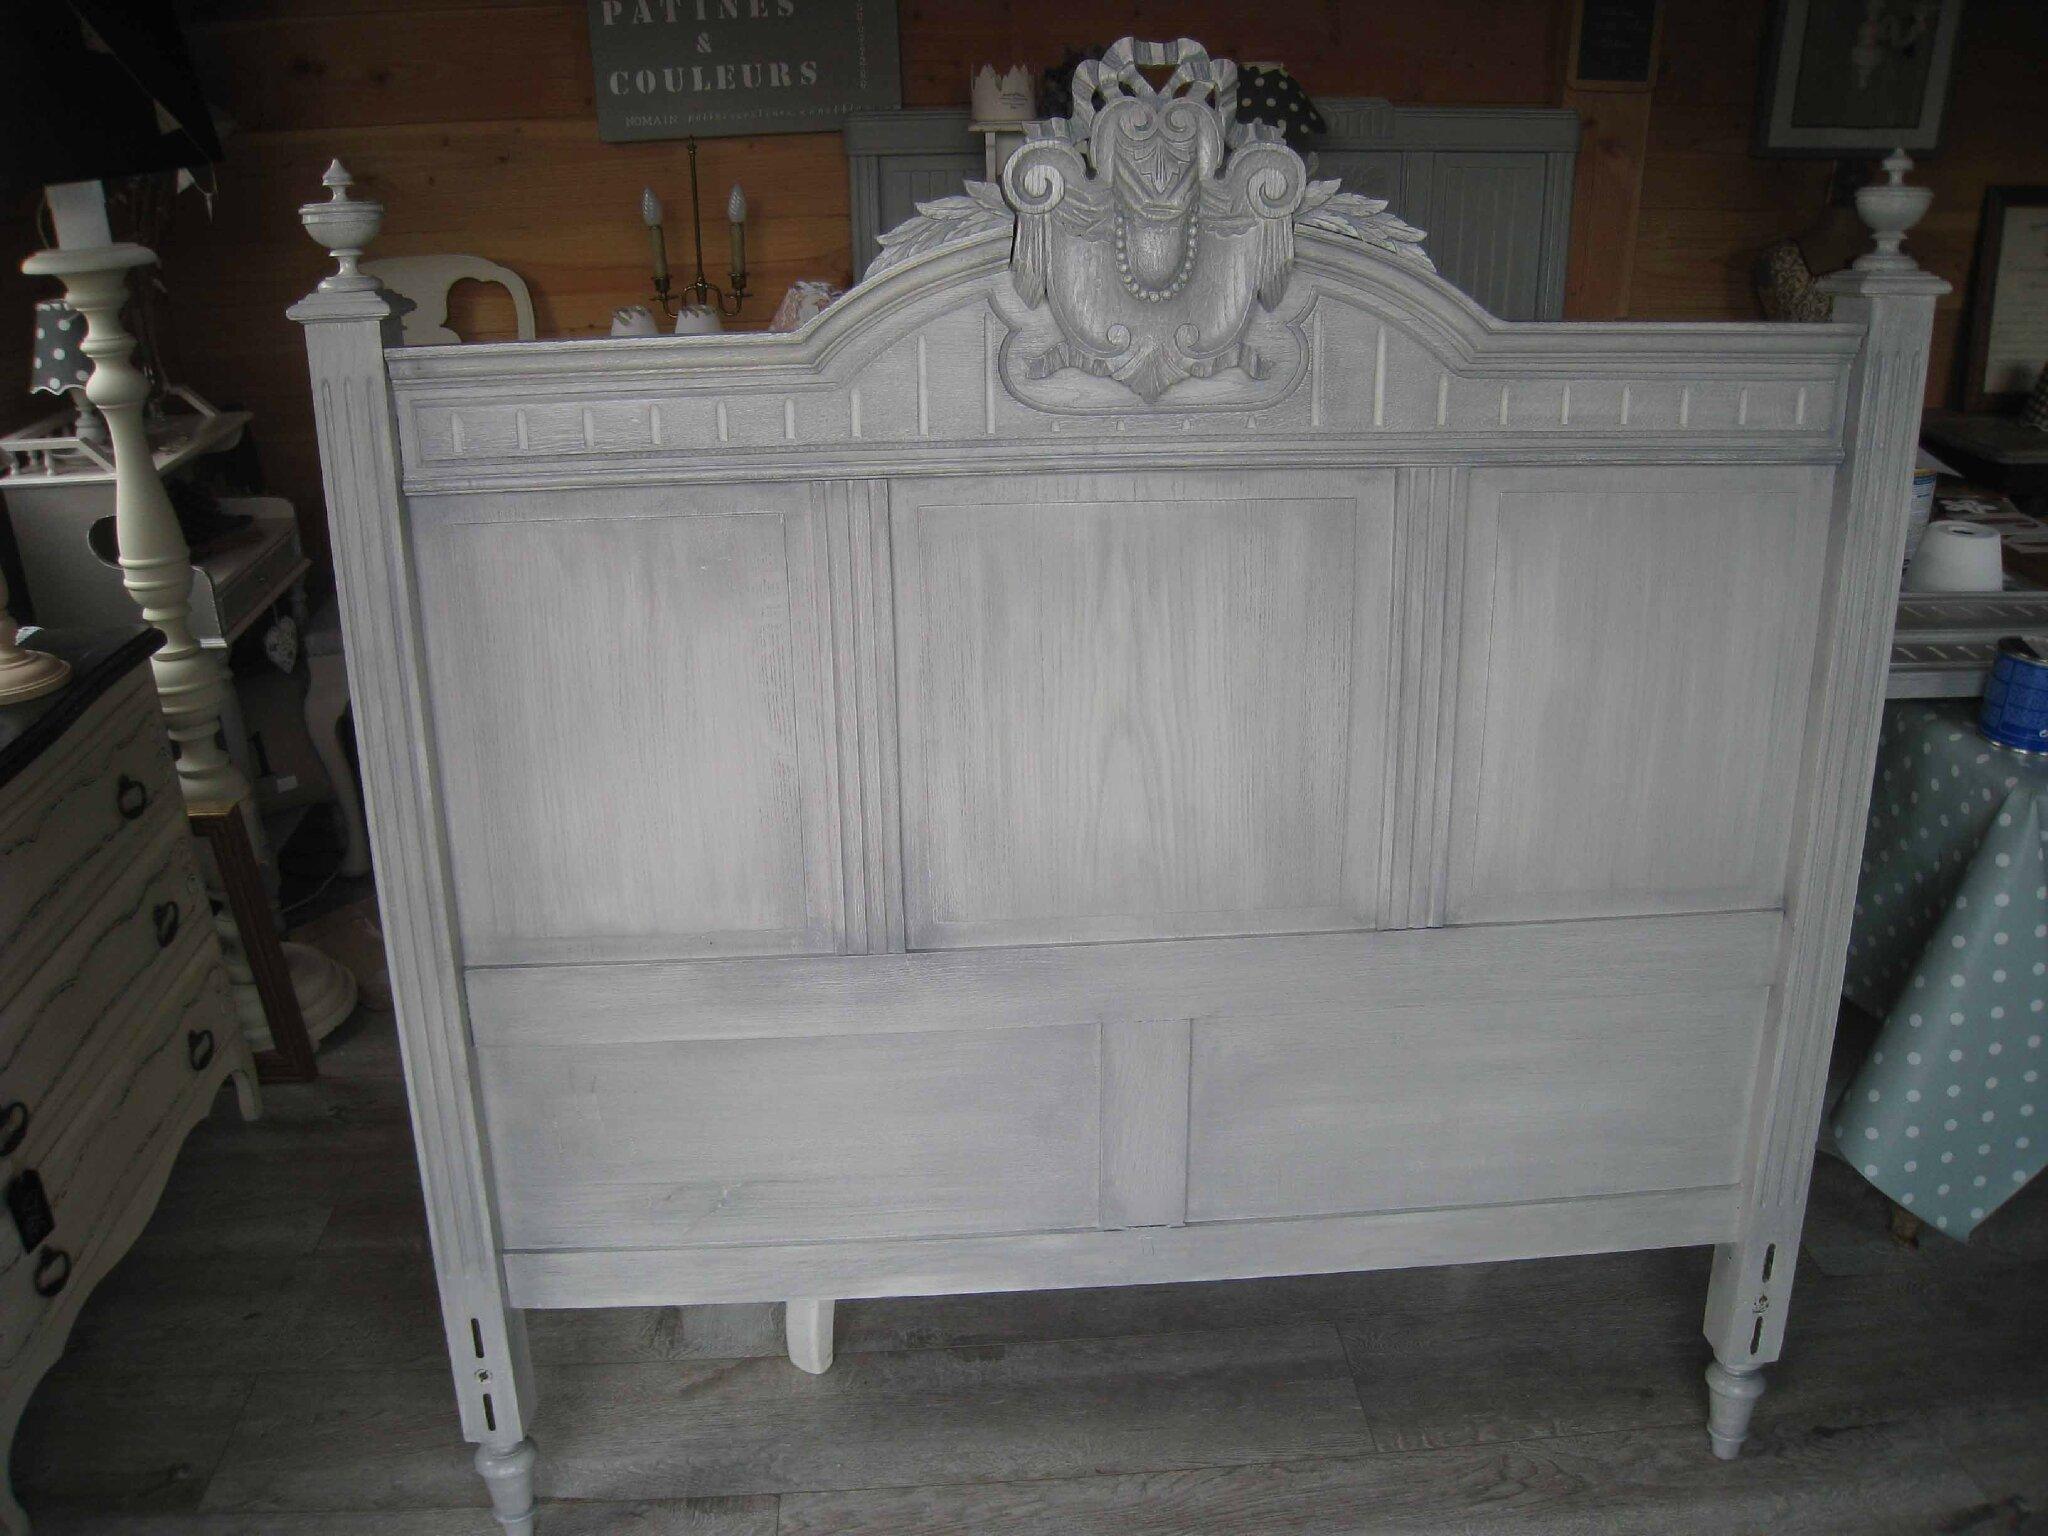 127 peindre un meuble en bois effet vieilli diy comment for Effet vieilli meuble